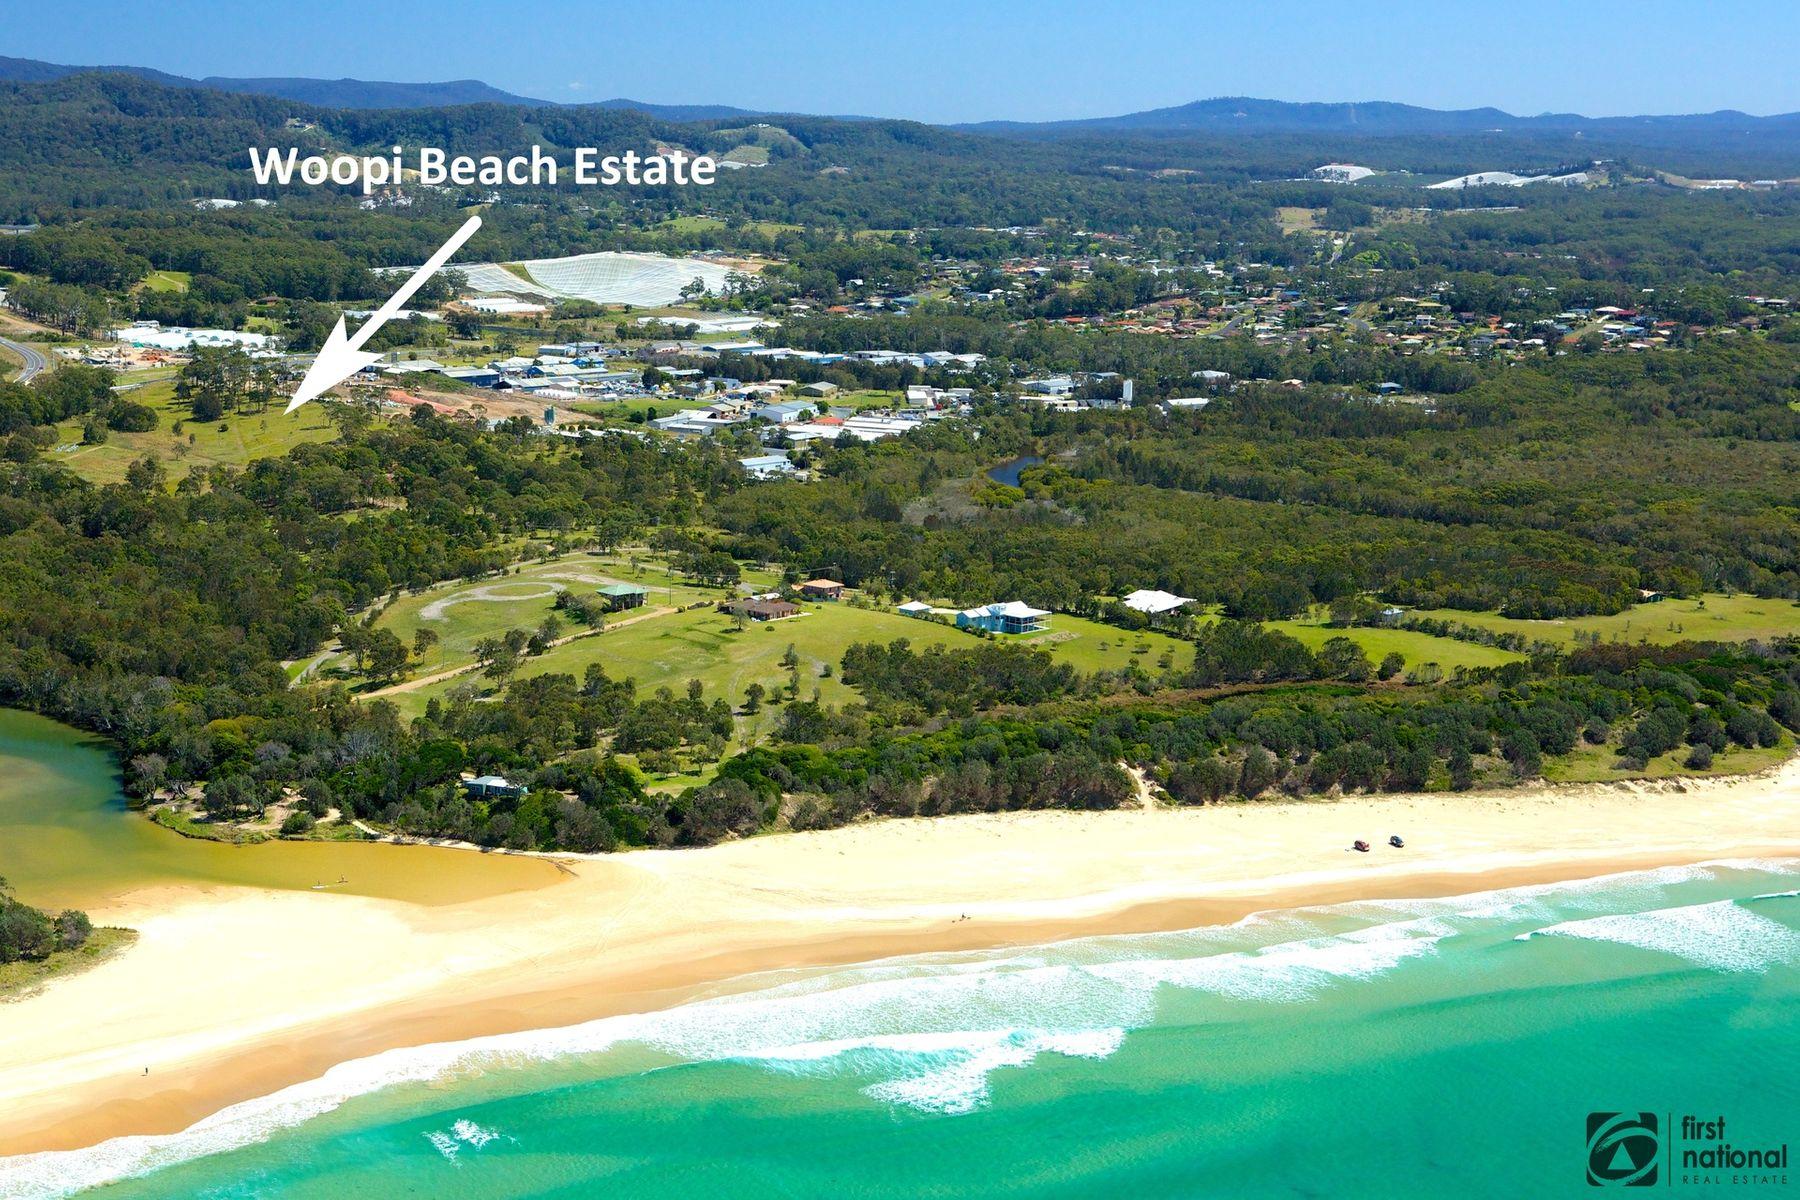 Lot 407 Woopi Beach Estate, Woolgoolga, NSW 2456